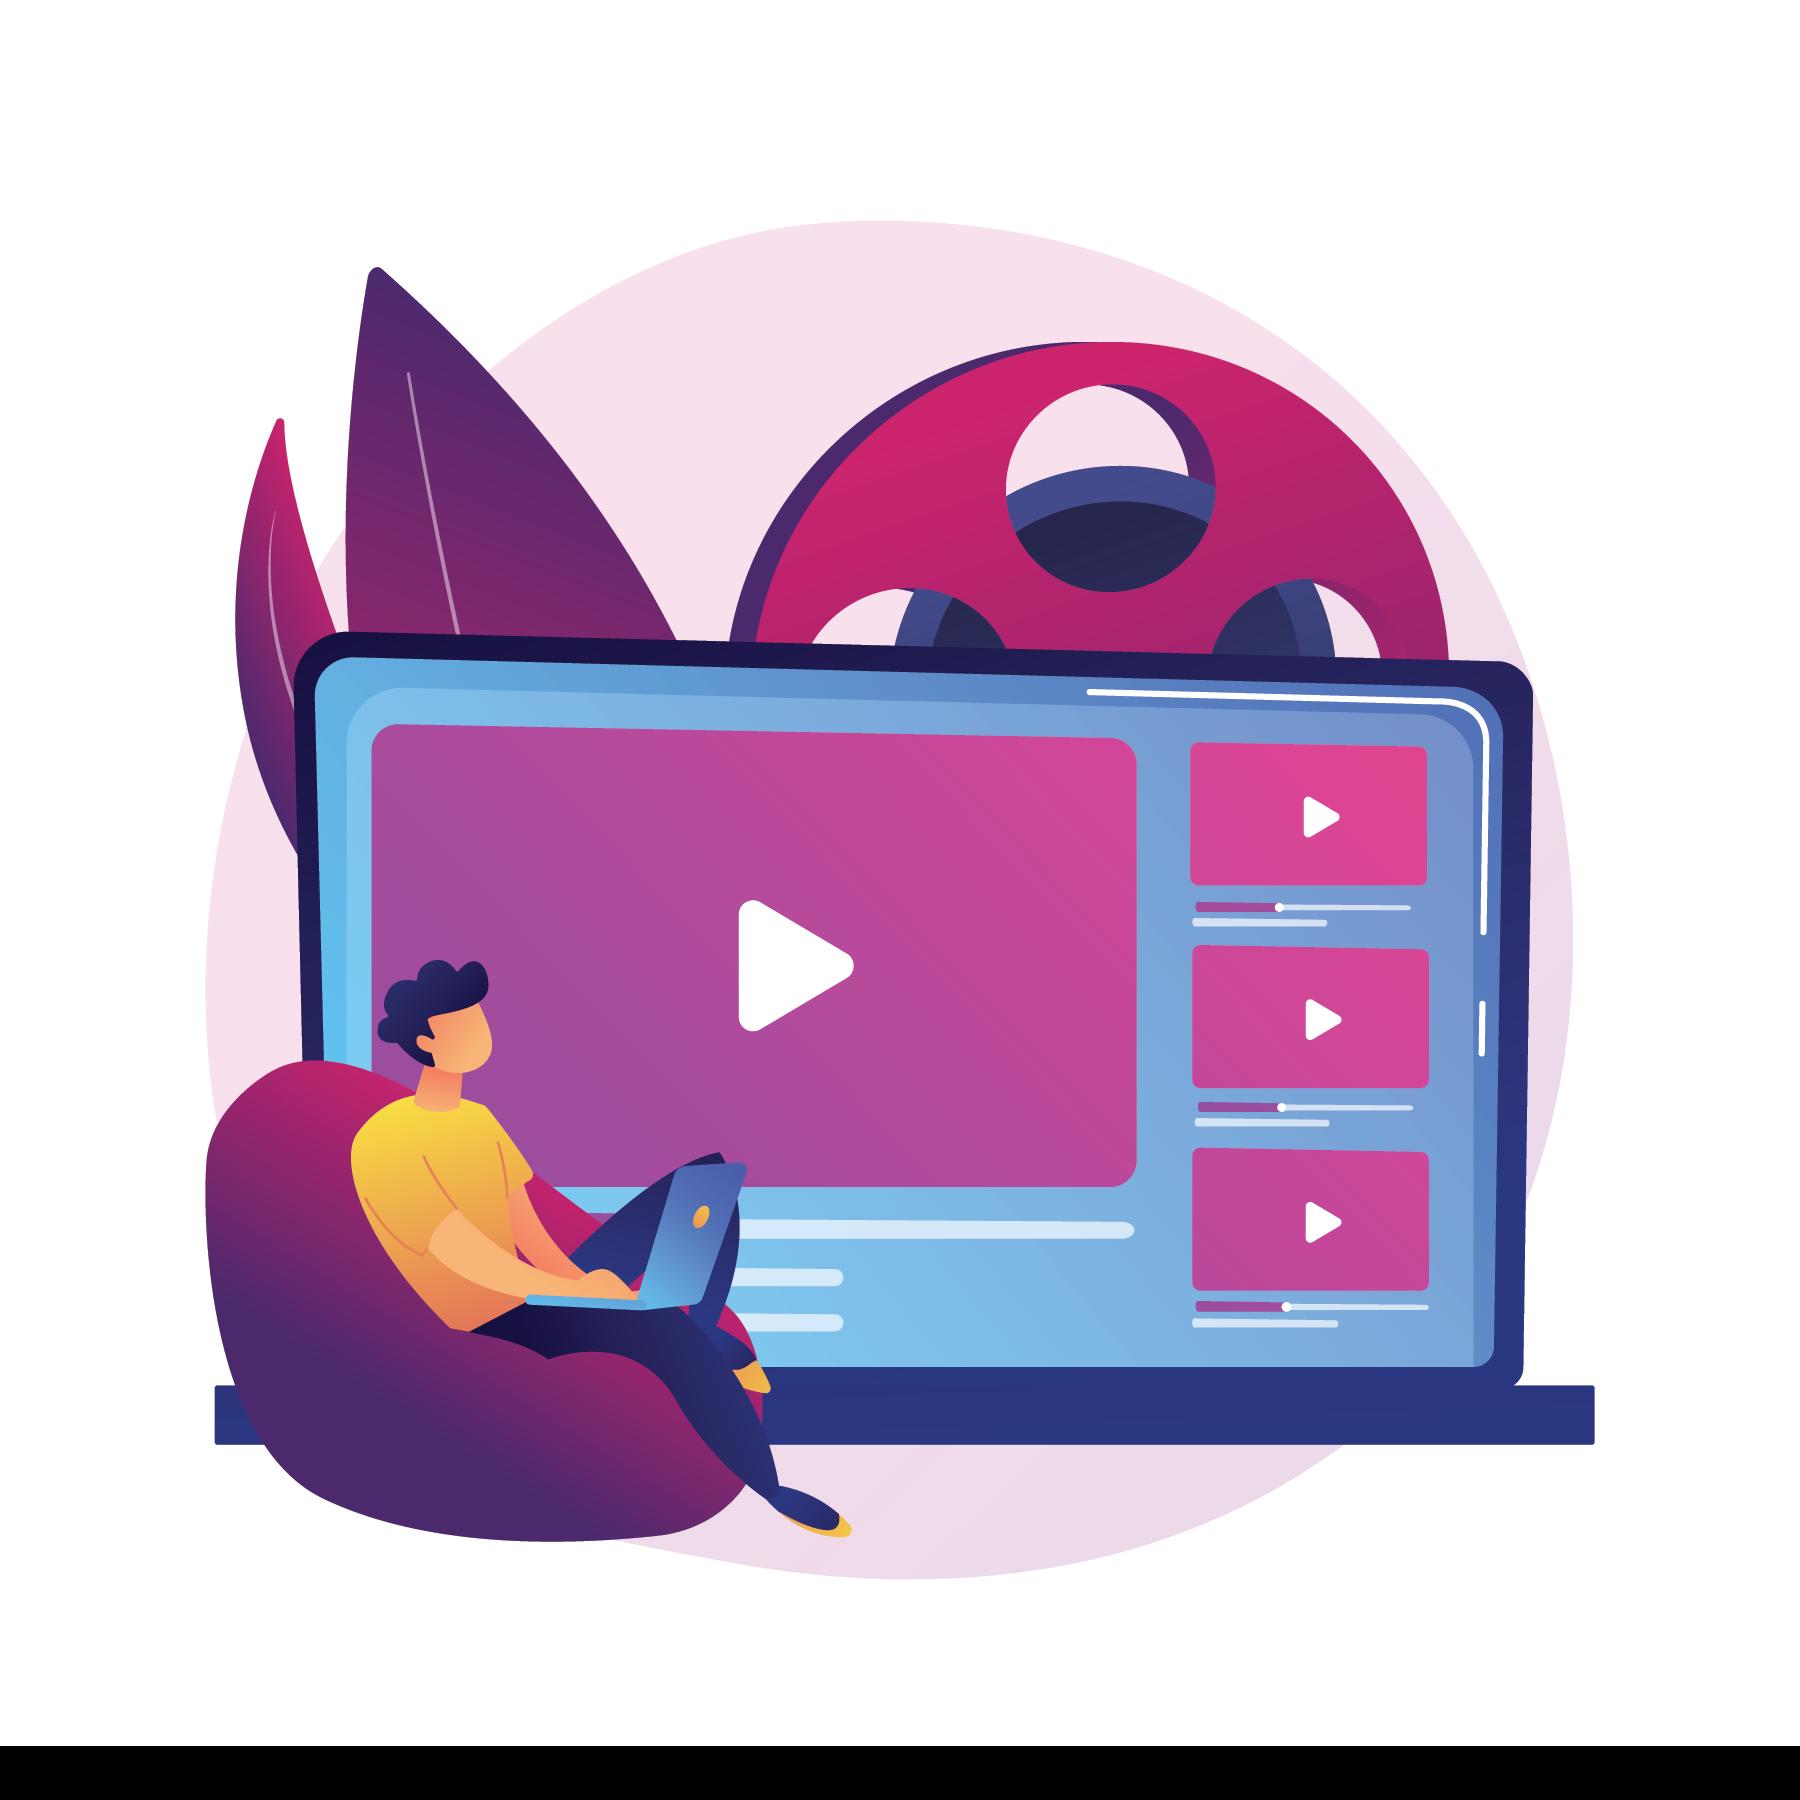 cueweb video